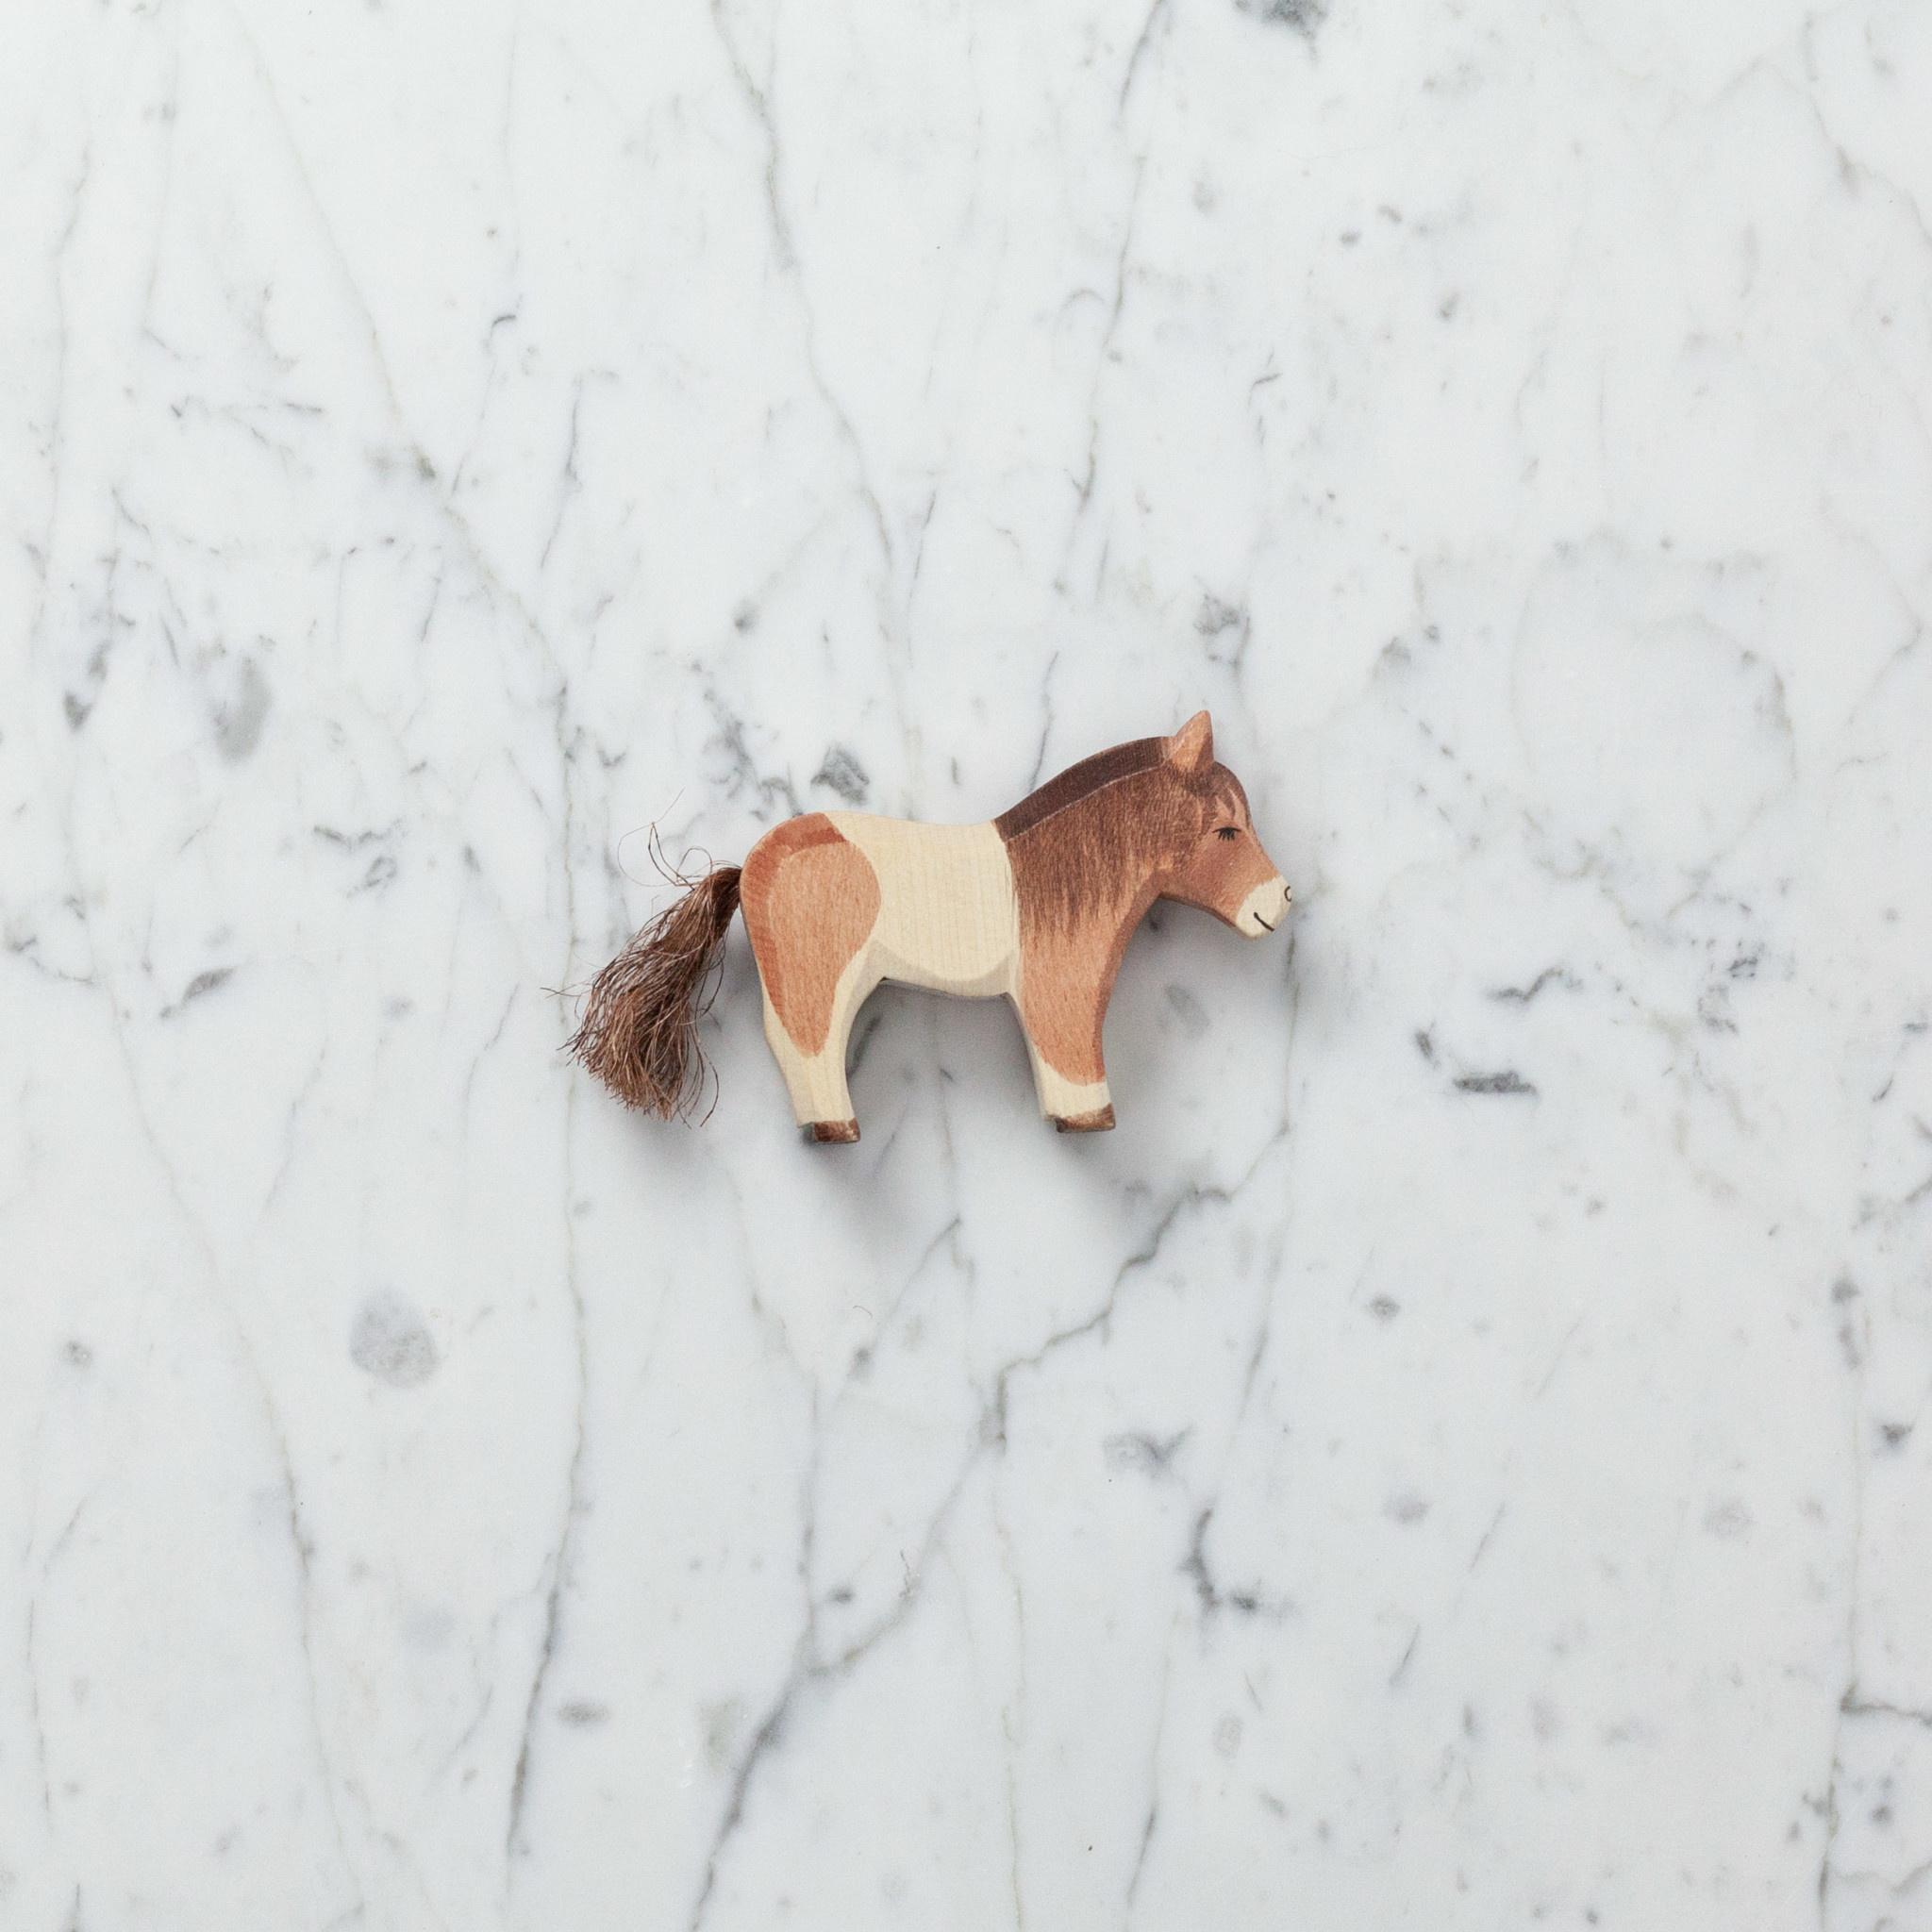 Ostheimer Toys Shetland Pony - Seal Brown Brunette